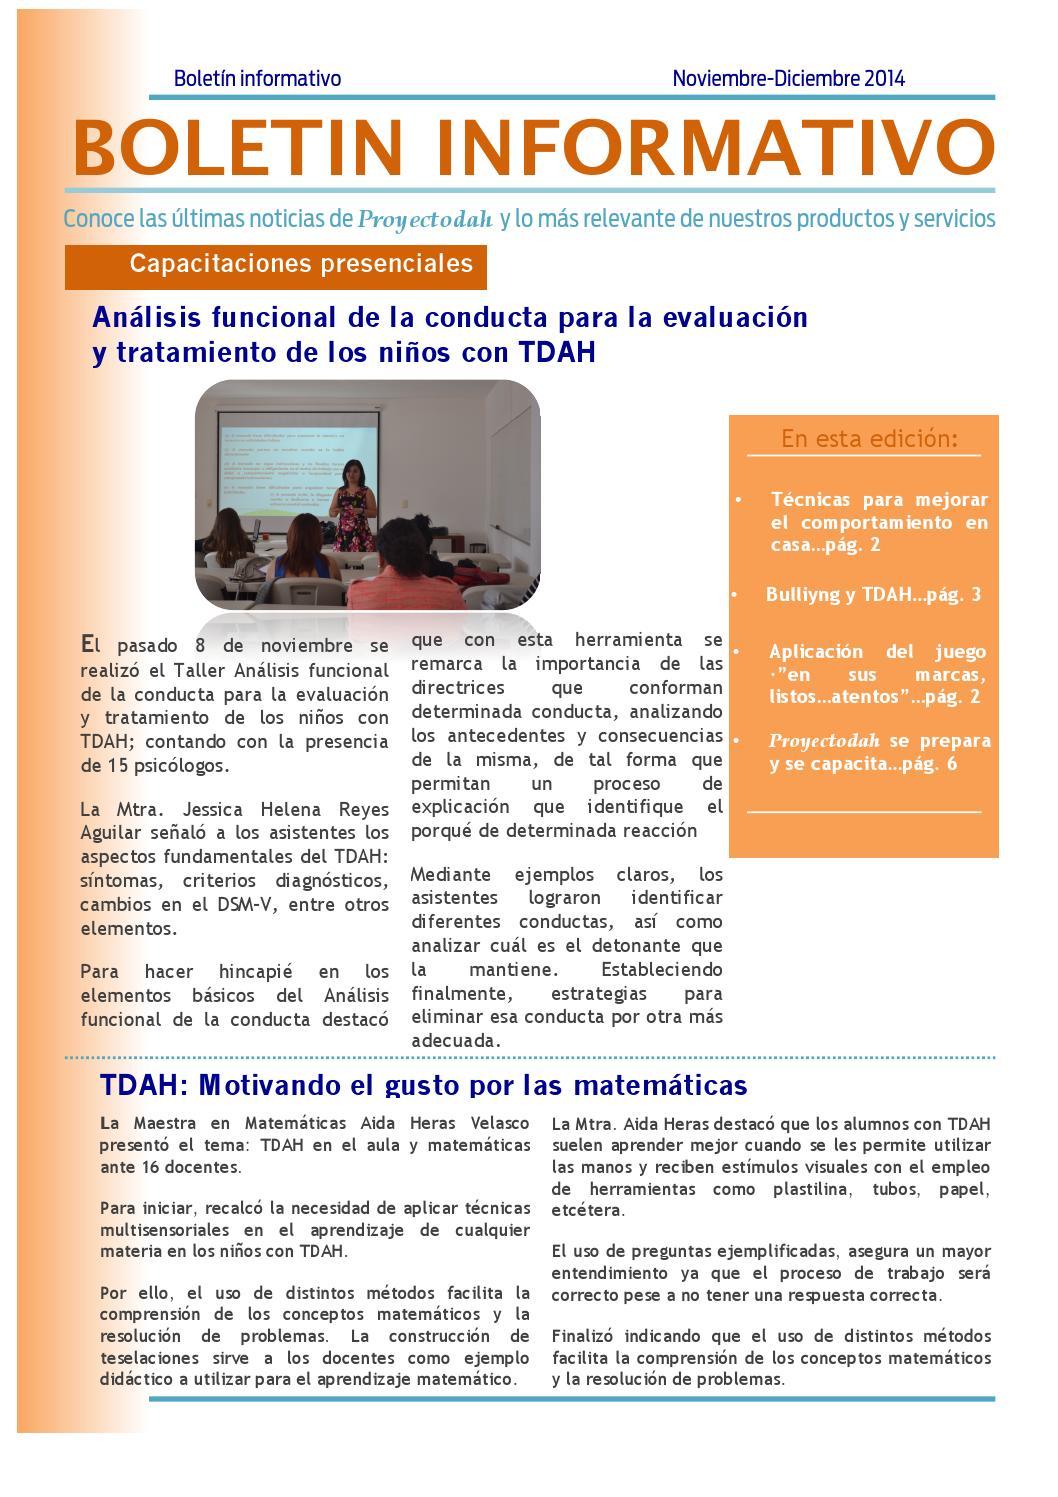 bolet u00edn informativo noviembre diciembre 2014 by